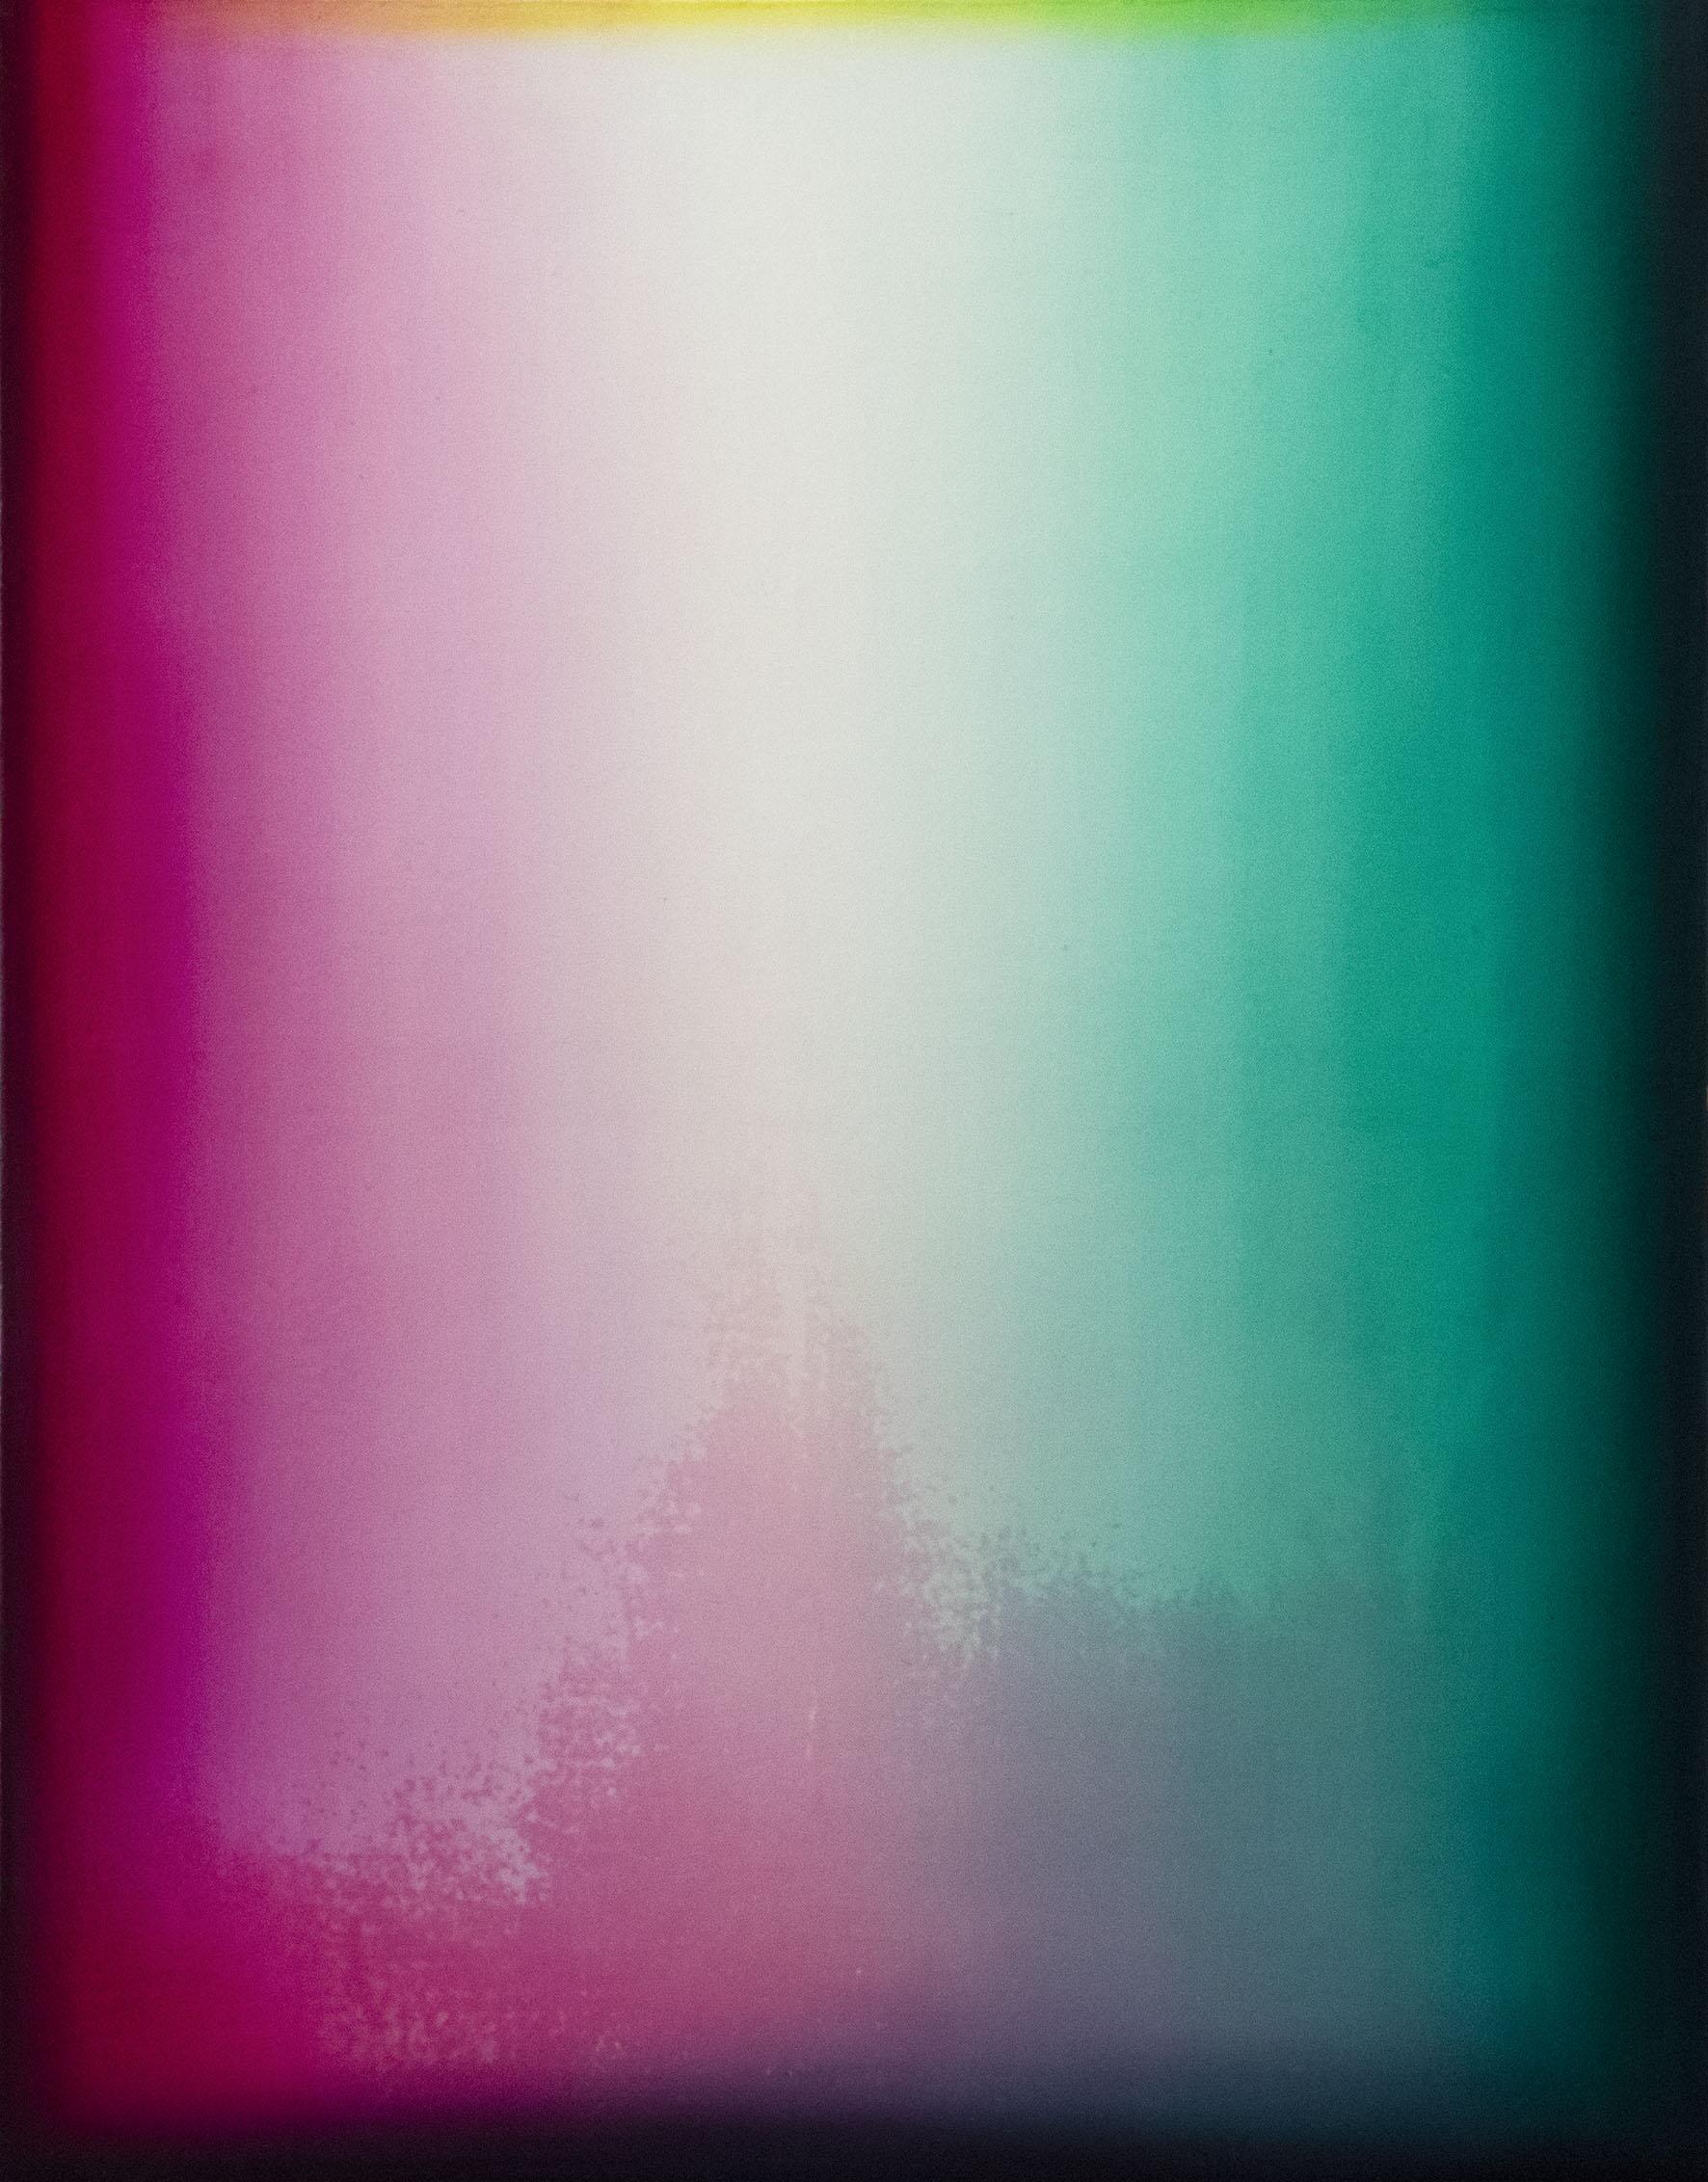 光8號 Light 8  91 x 72.5 cm 油彩畫布 Oil on Canvas 2017